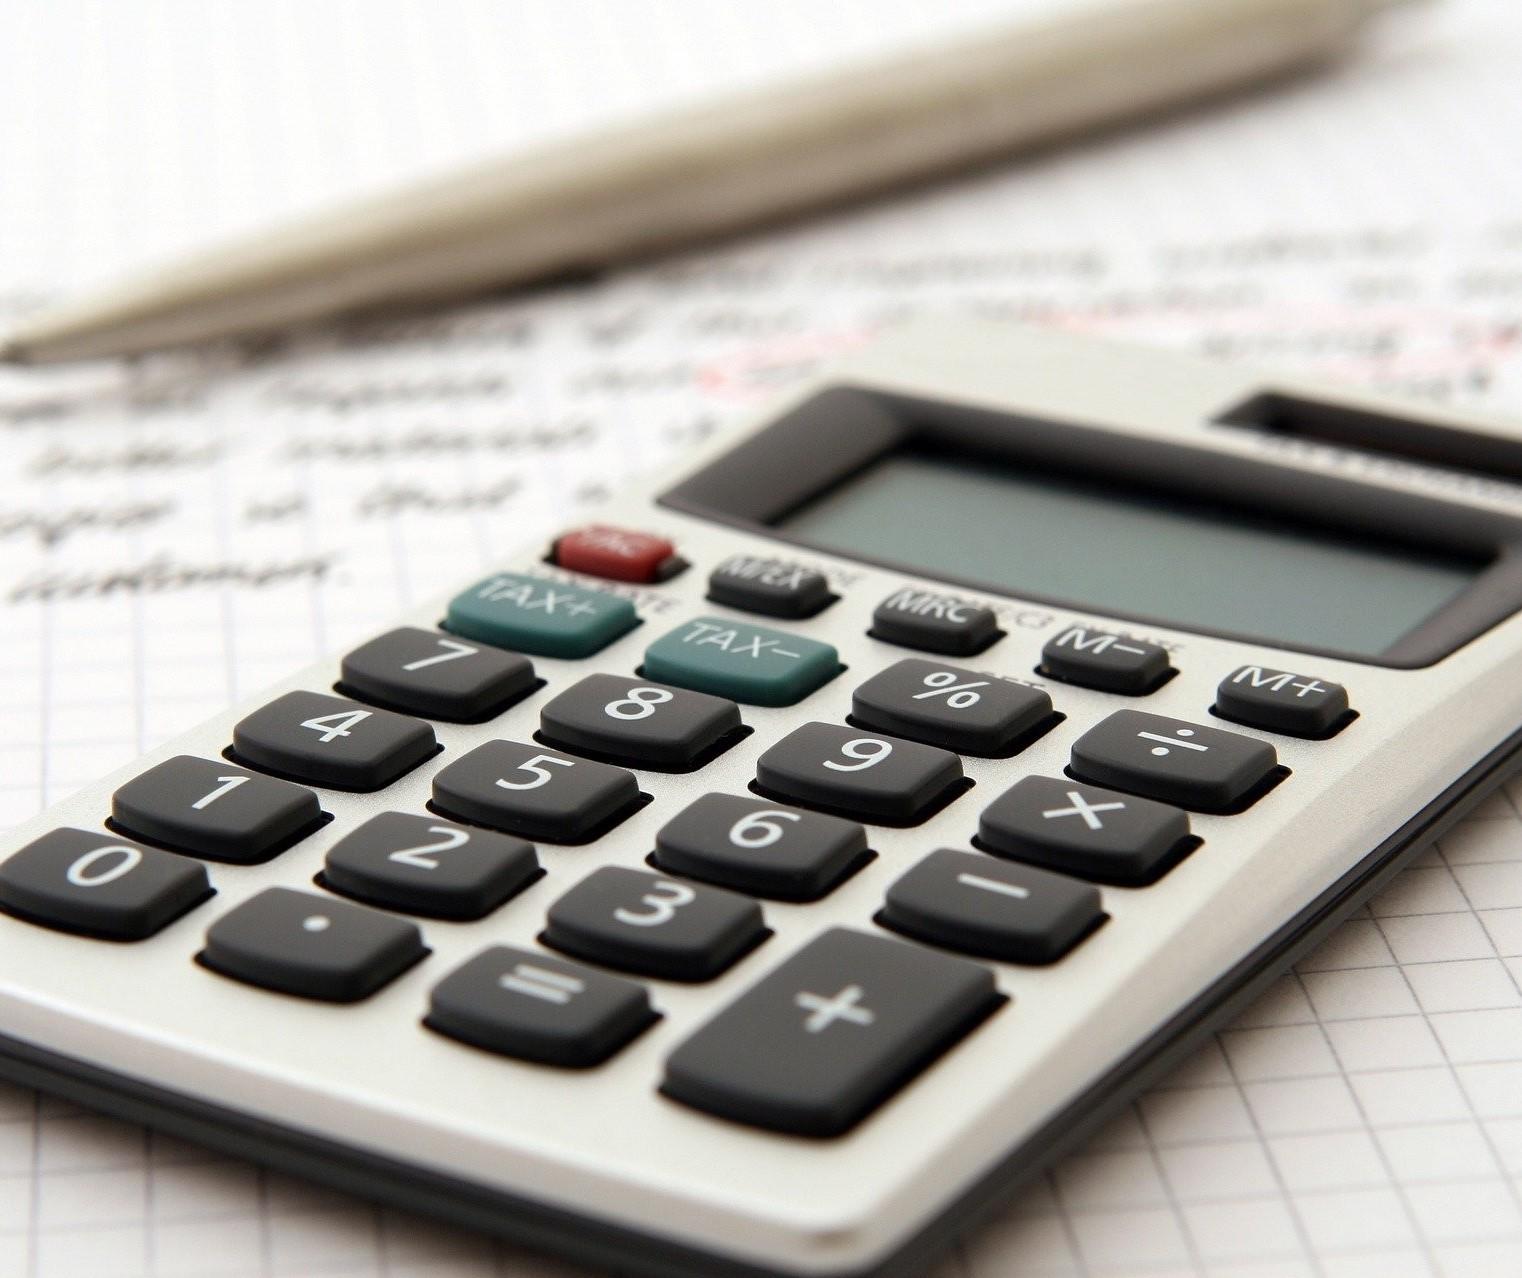 Economia apresenta retração e inadimplência pode deixar o crédito mais caro